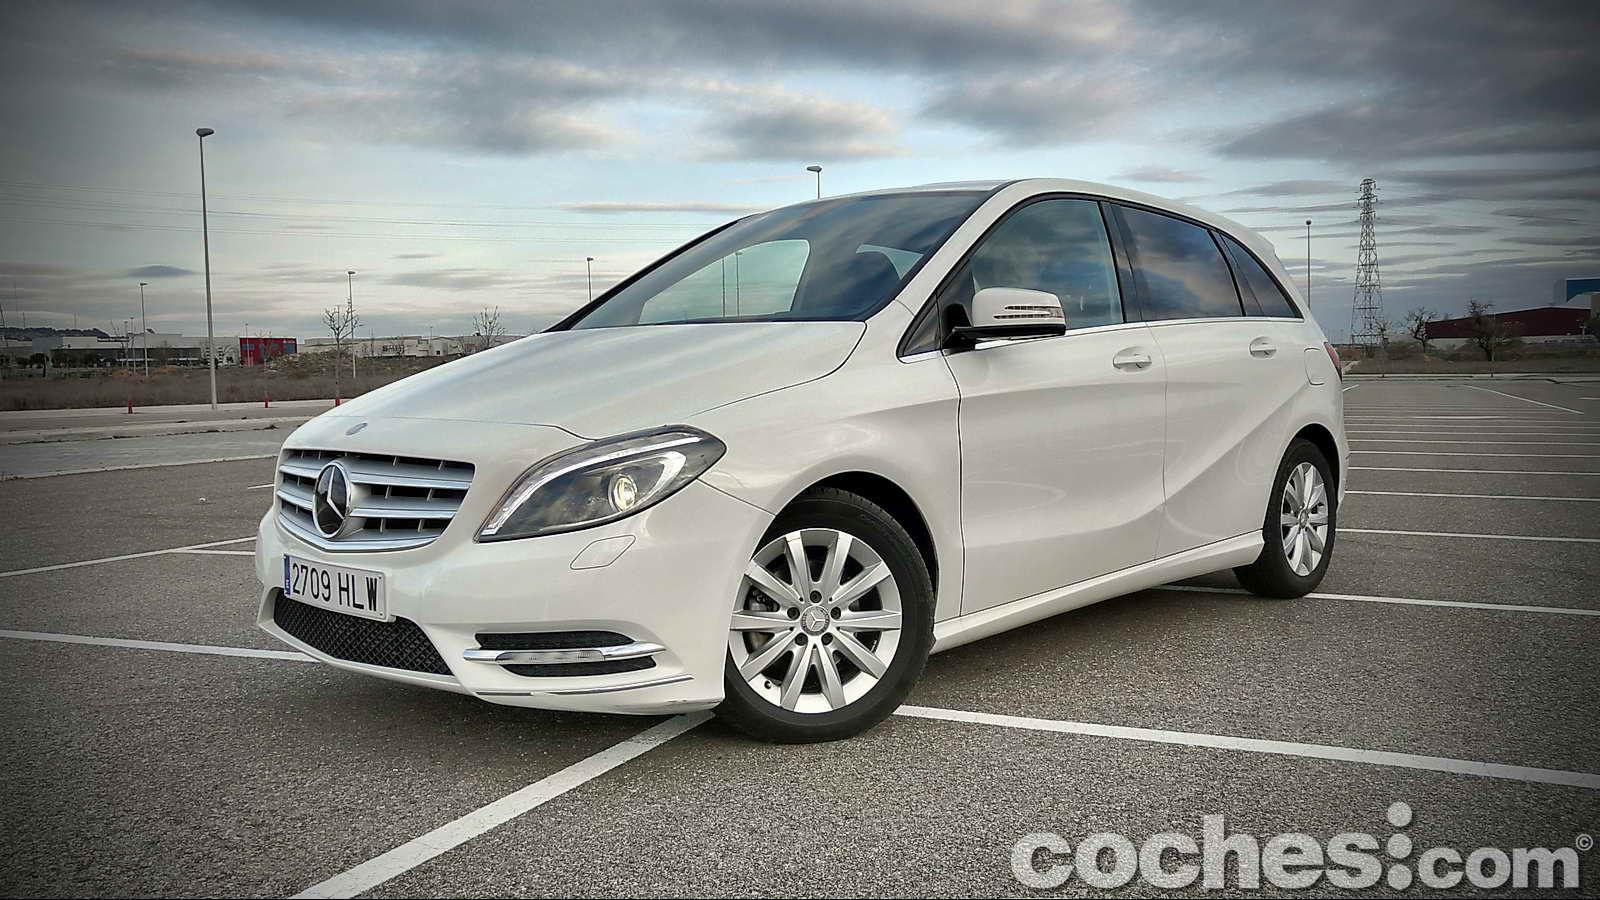 Mercedes_Benz_Clase_B_180_CDI_01